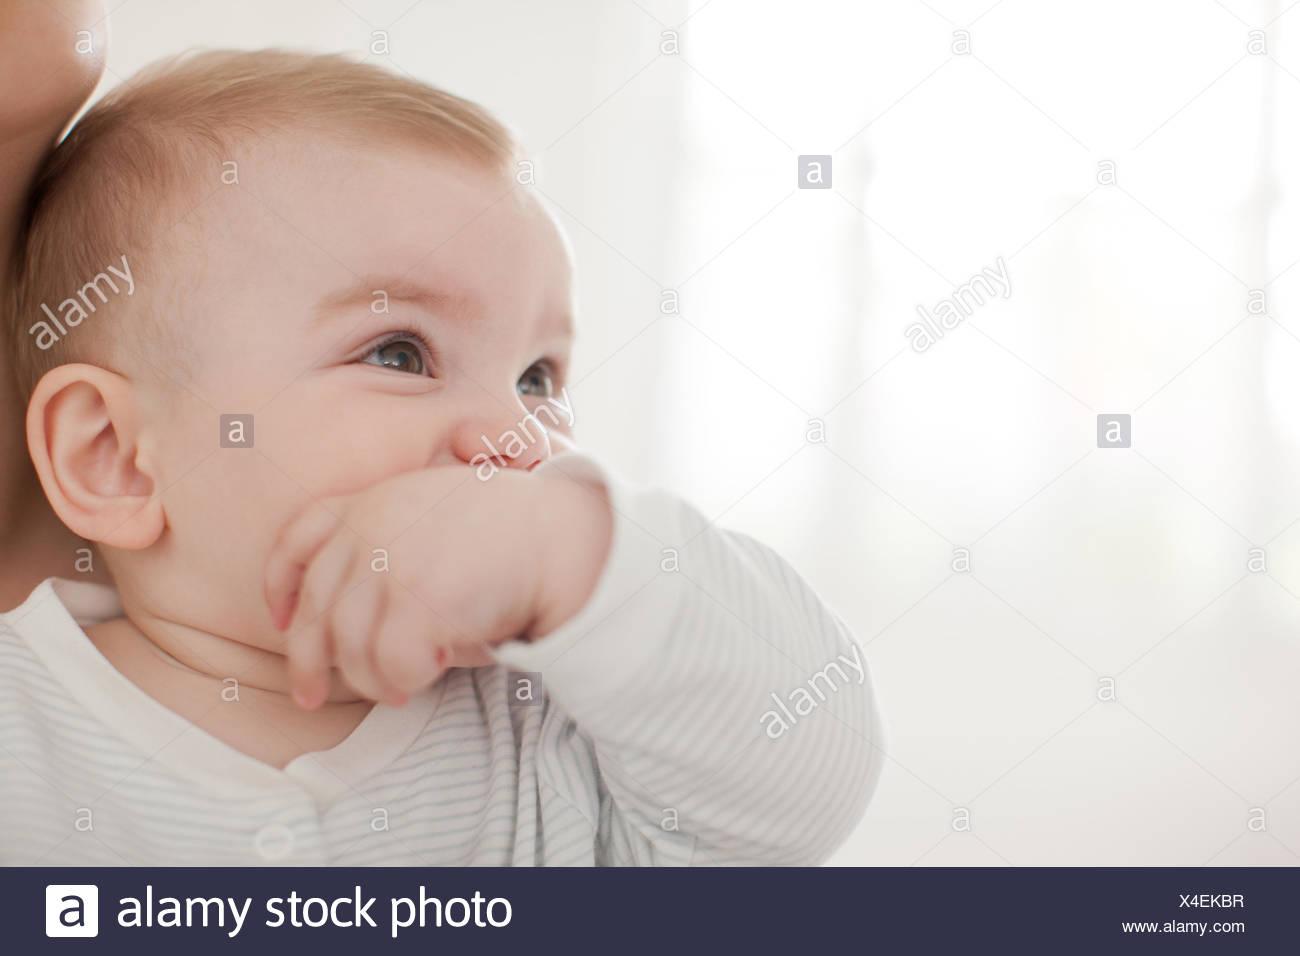 Baby mordere il pollice in bocca Immagini Stock